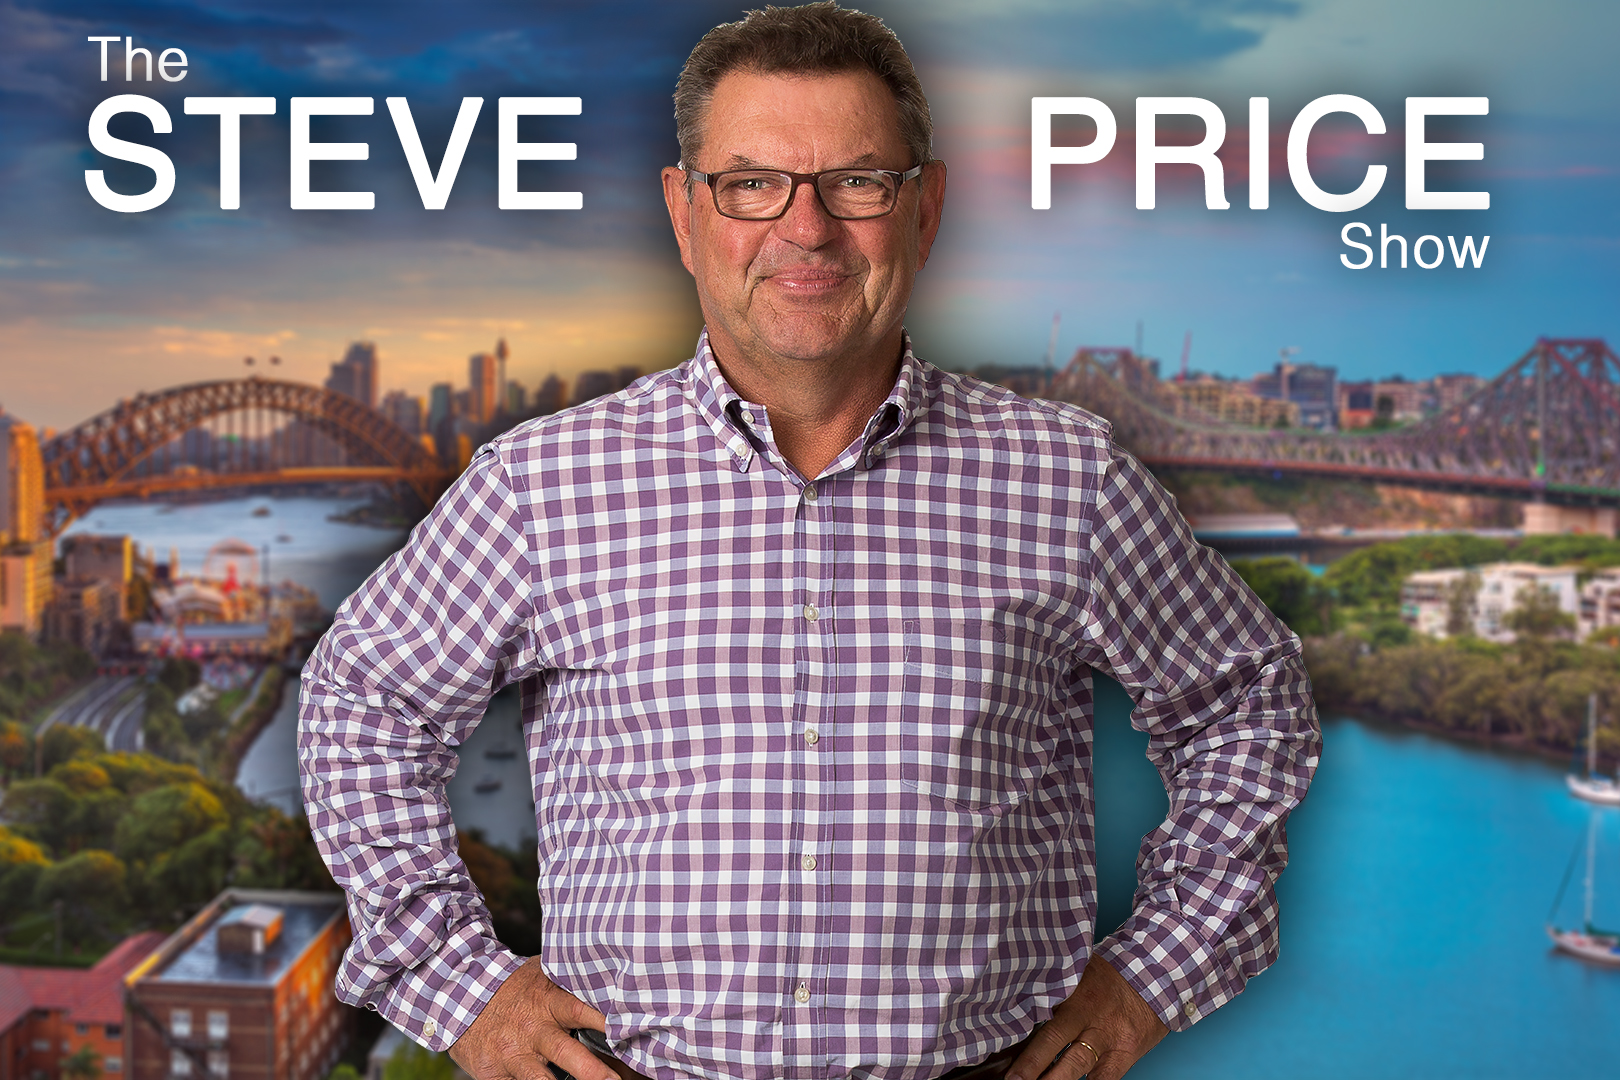 The Steve Price full show, October 23